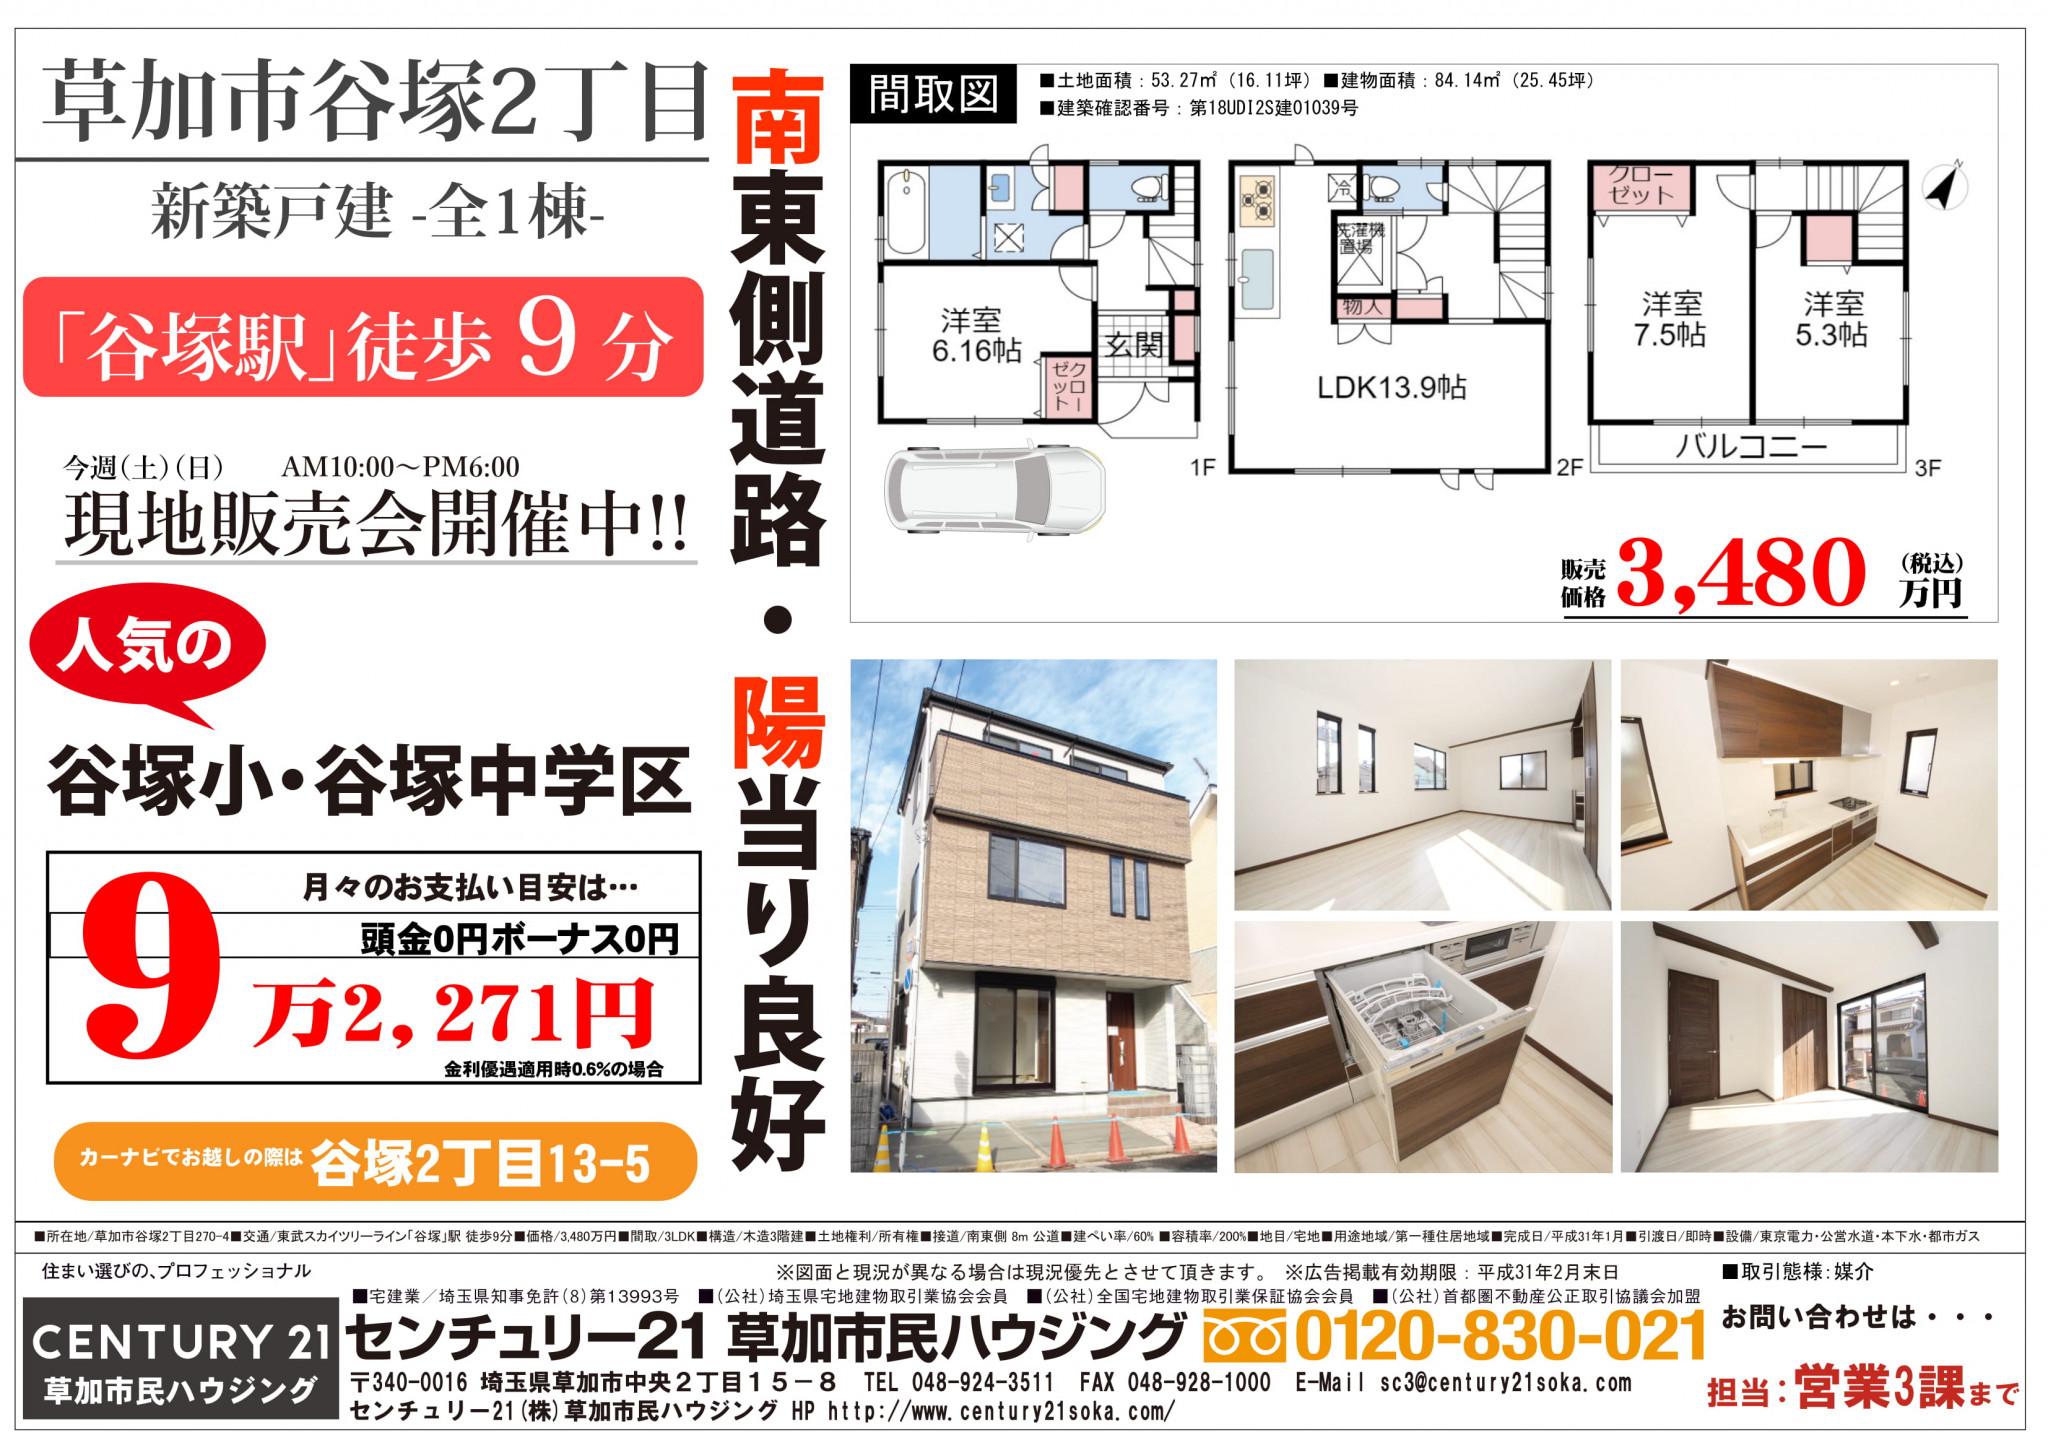 0113 谷塚2丁目 リコルド(営業3課)-1